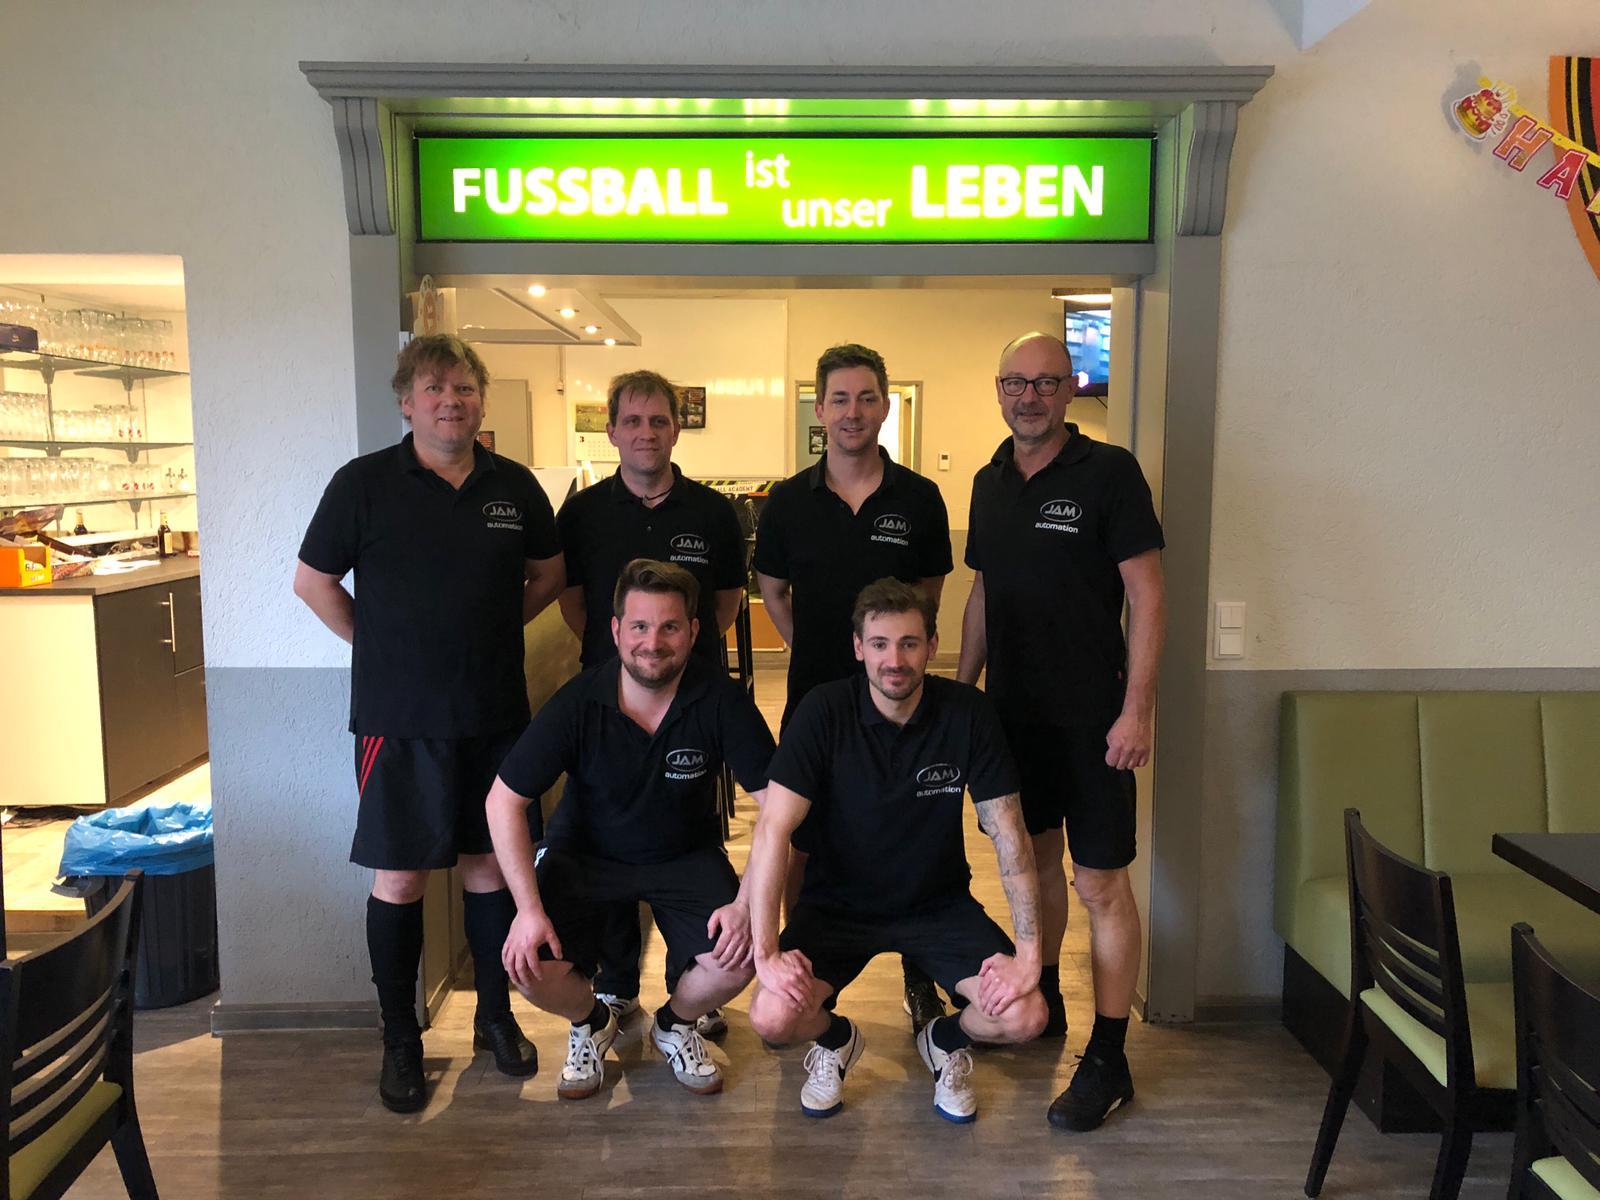 Anfang April fand das 2. von JAM organisierte Fußball Turnier in einer Wuppertaler Soccerhalle statt.